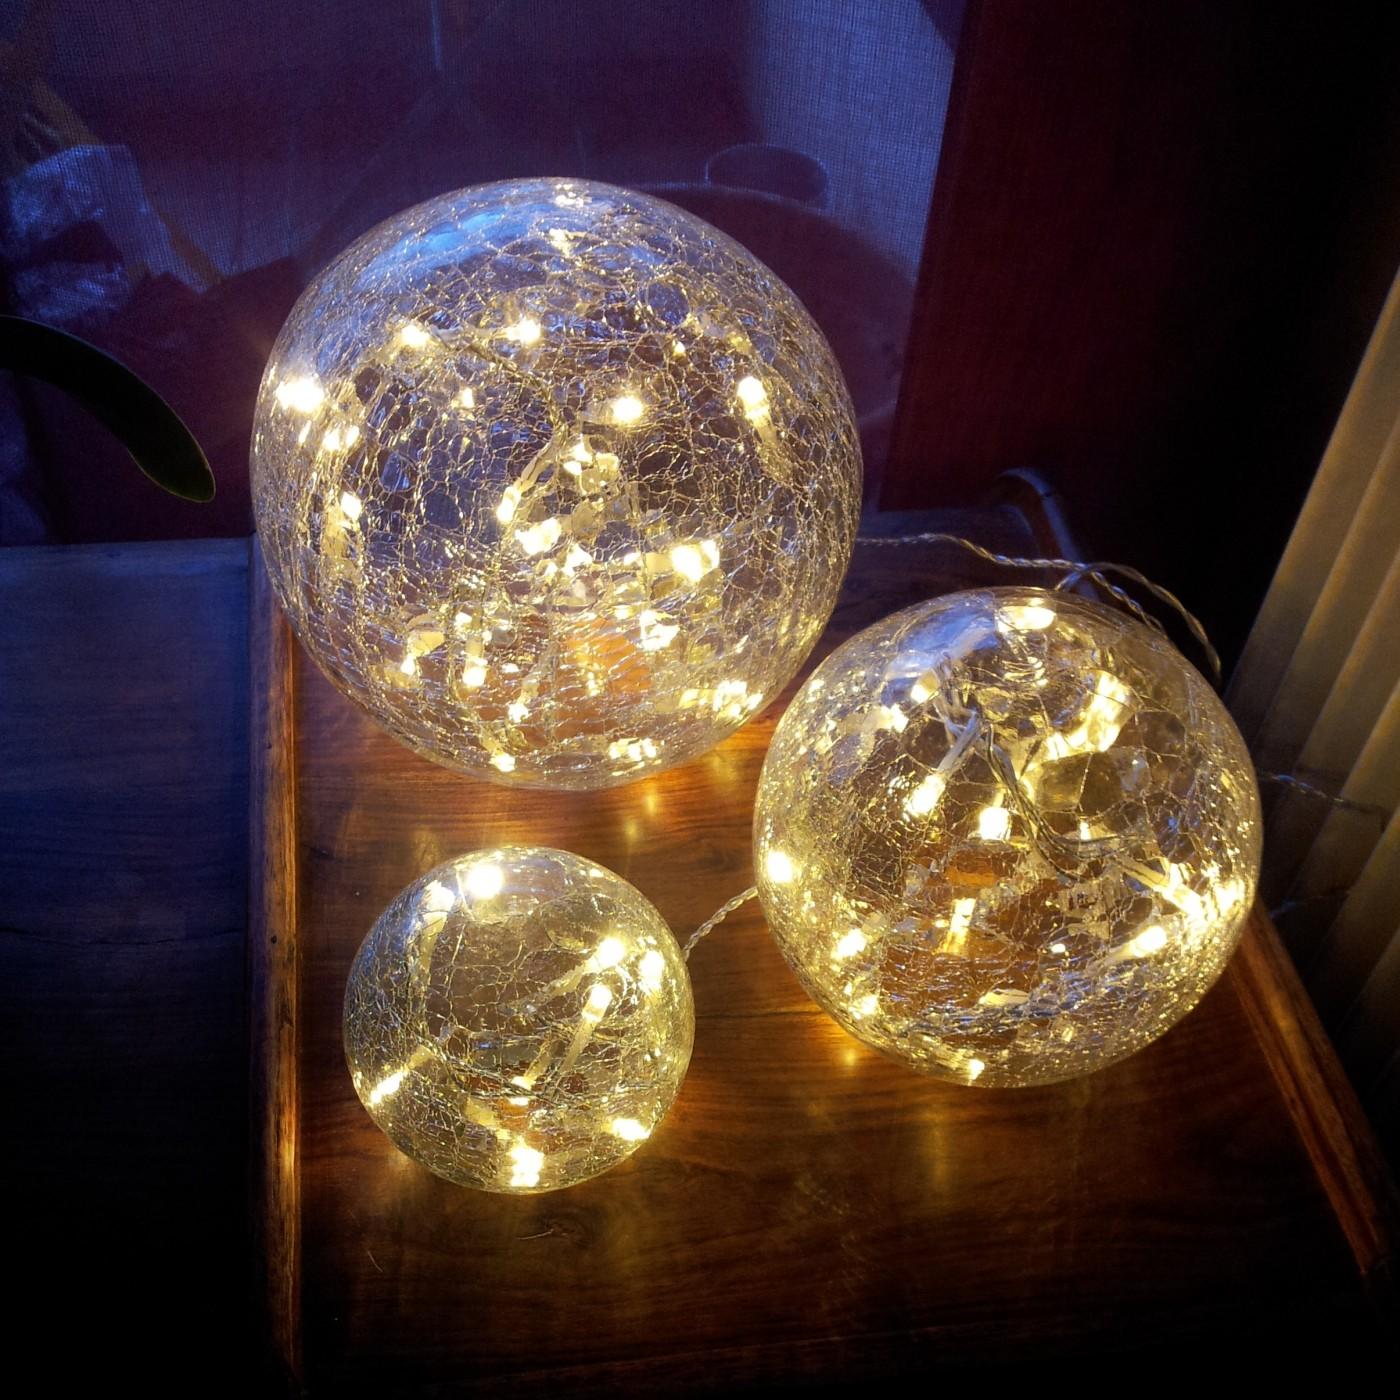 j 39 ai choisi pour d corer mon int rieur le luminaire 3 globes en verre craquel blog z dio. Black Bedroom Furniture Sets. Home Design Ideas